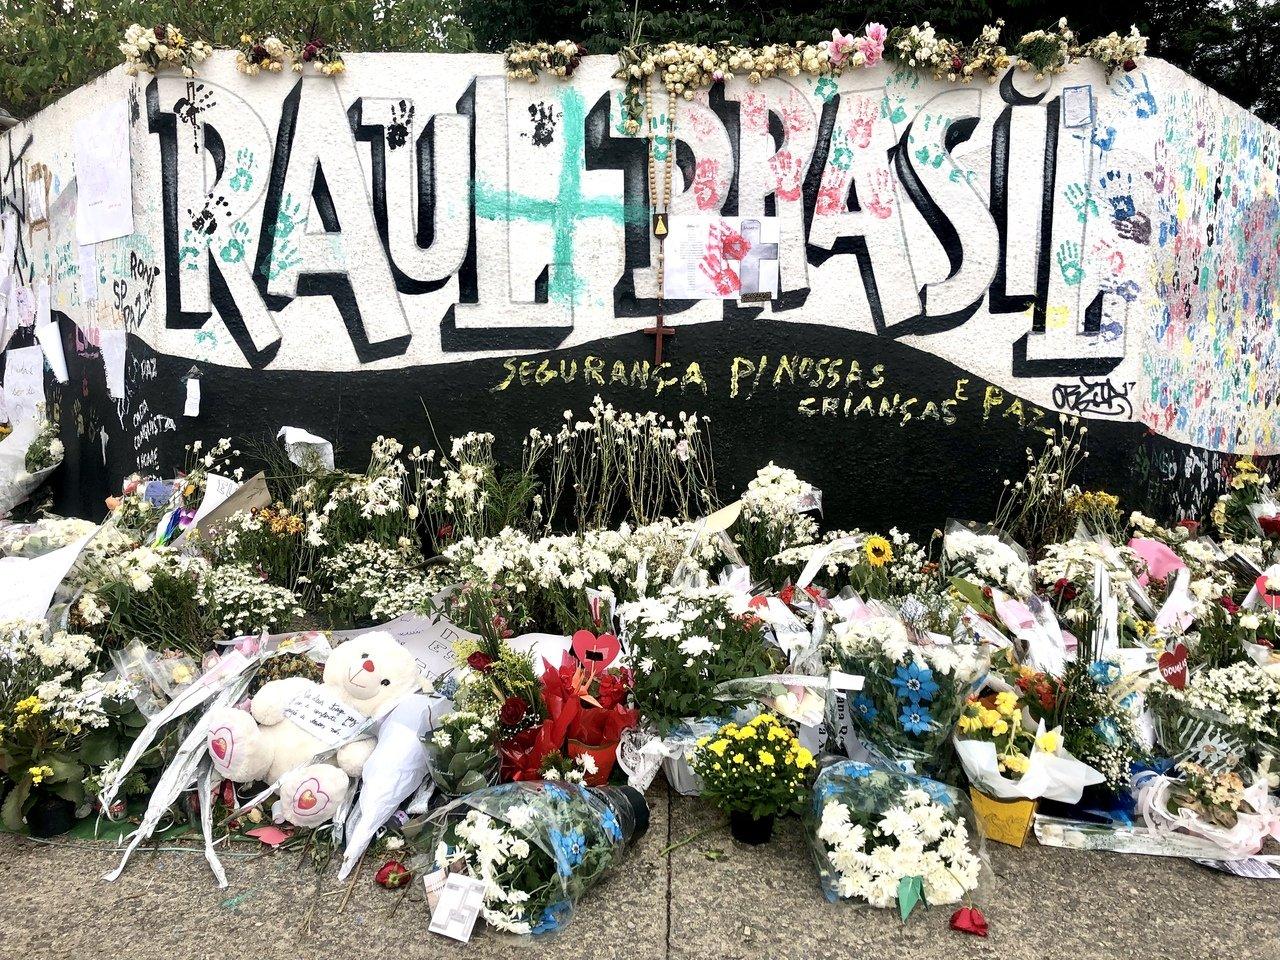 Muro da escola escrito Raul Brasil com flores ao chão